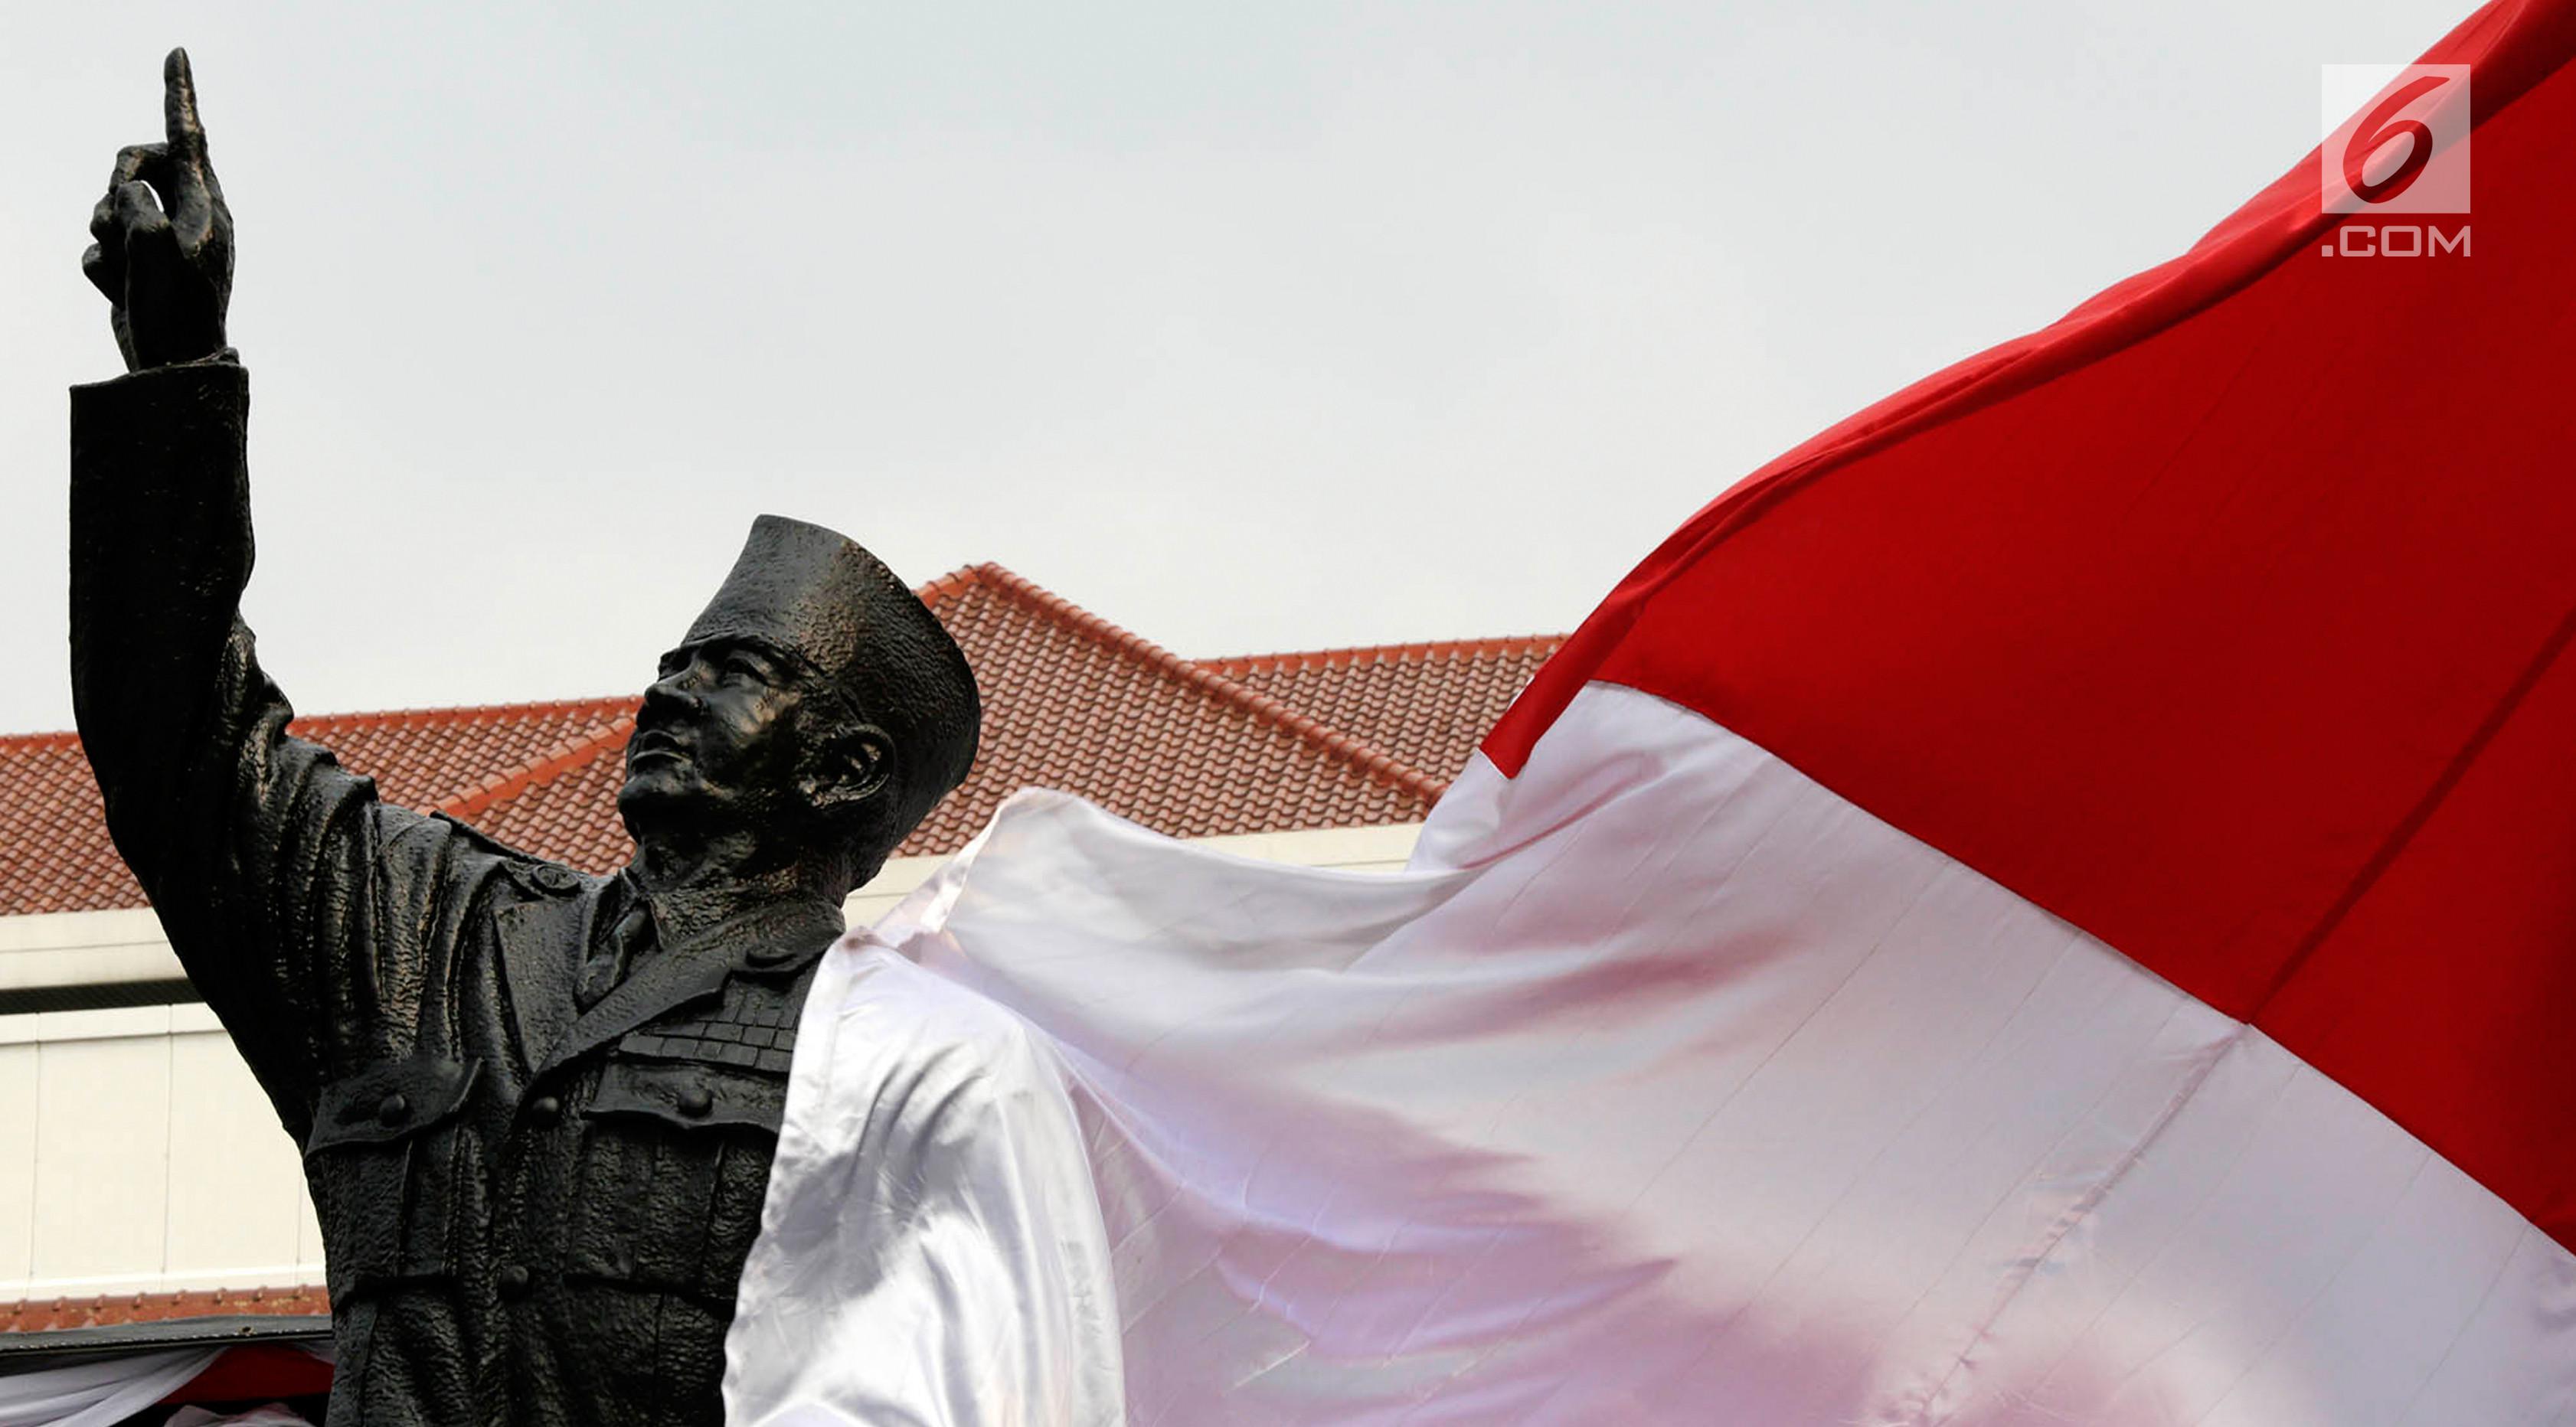 Patung Presiden pertama Soekarno di Gedung Lemhannas, Jalan Medan Merdeka Selatan, Jakarta, Rabu (24/5). Peresmian patung tersebut merupakan wujud apresiasi kepada Bung Karno yang merupakan penggagas Lemhannas. (Liputan6.com/Immanuel Antonius)